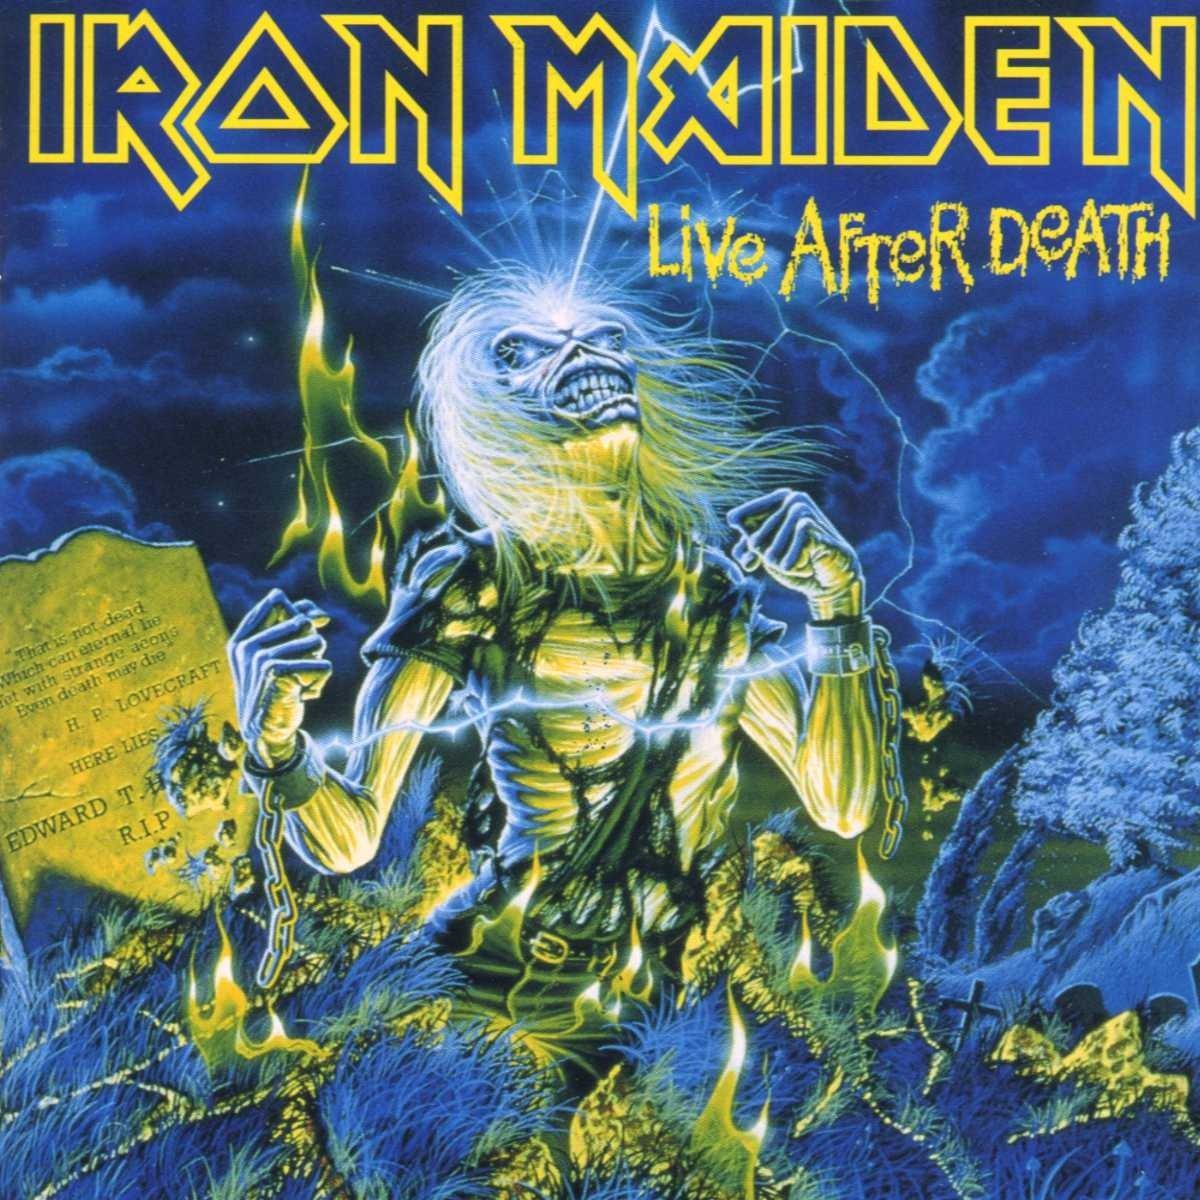 """Résultat de recherche d'images pour """"iron maiden live after death"""""""